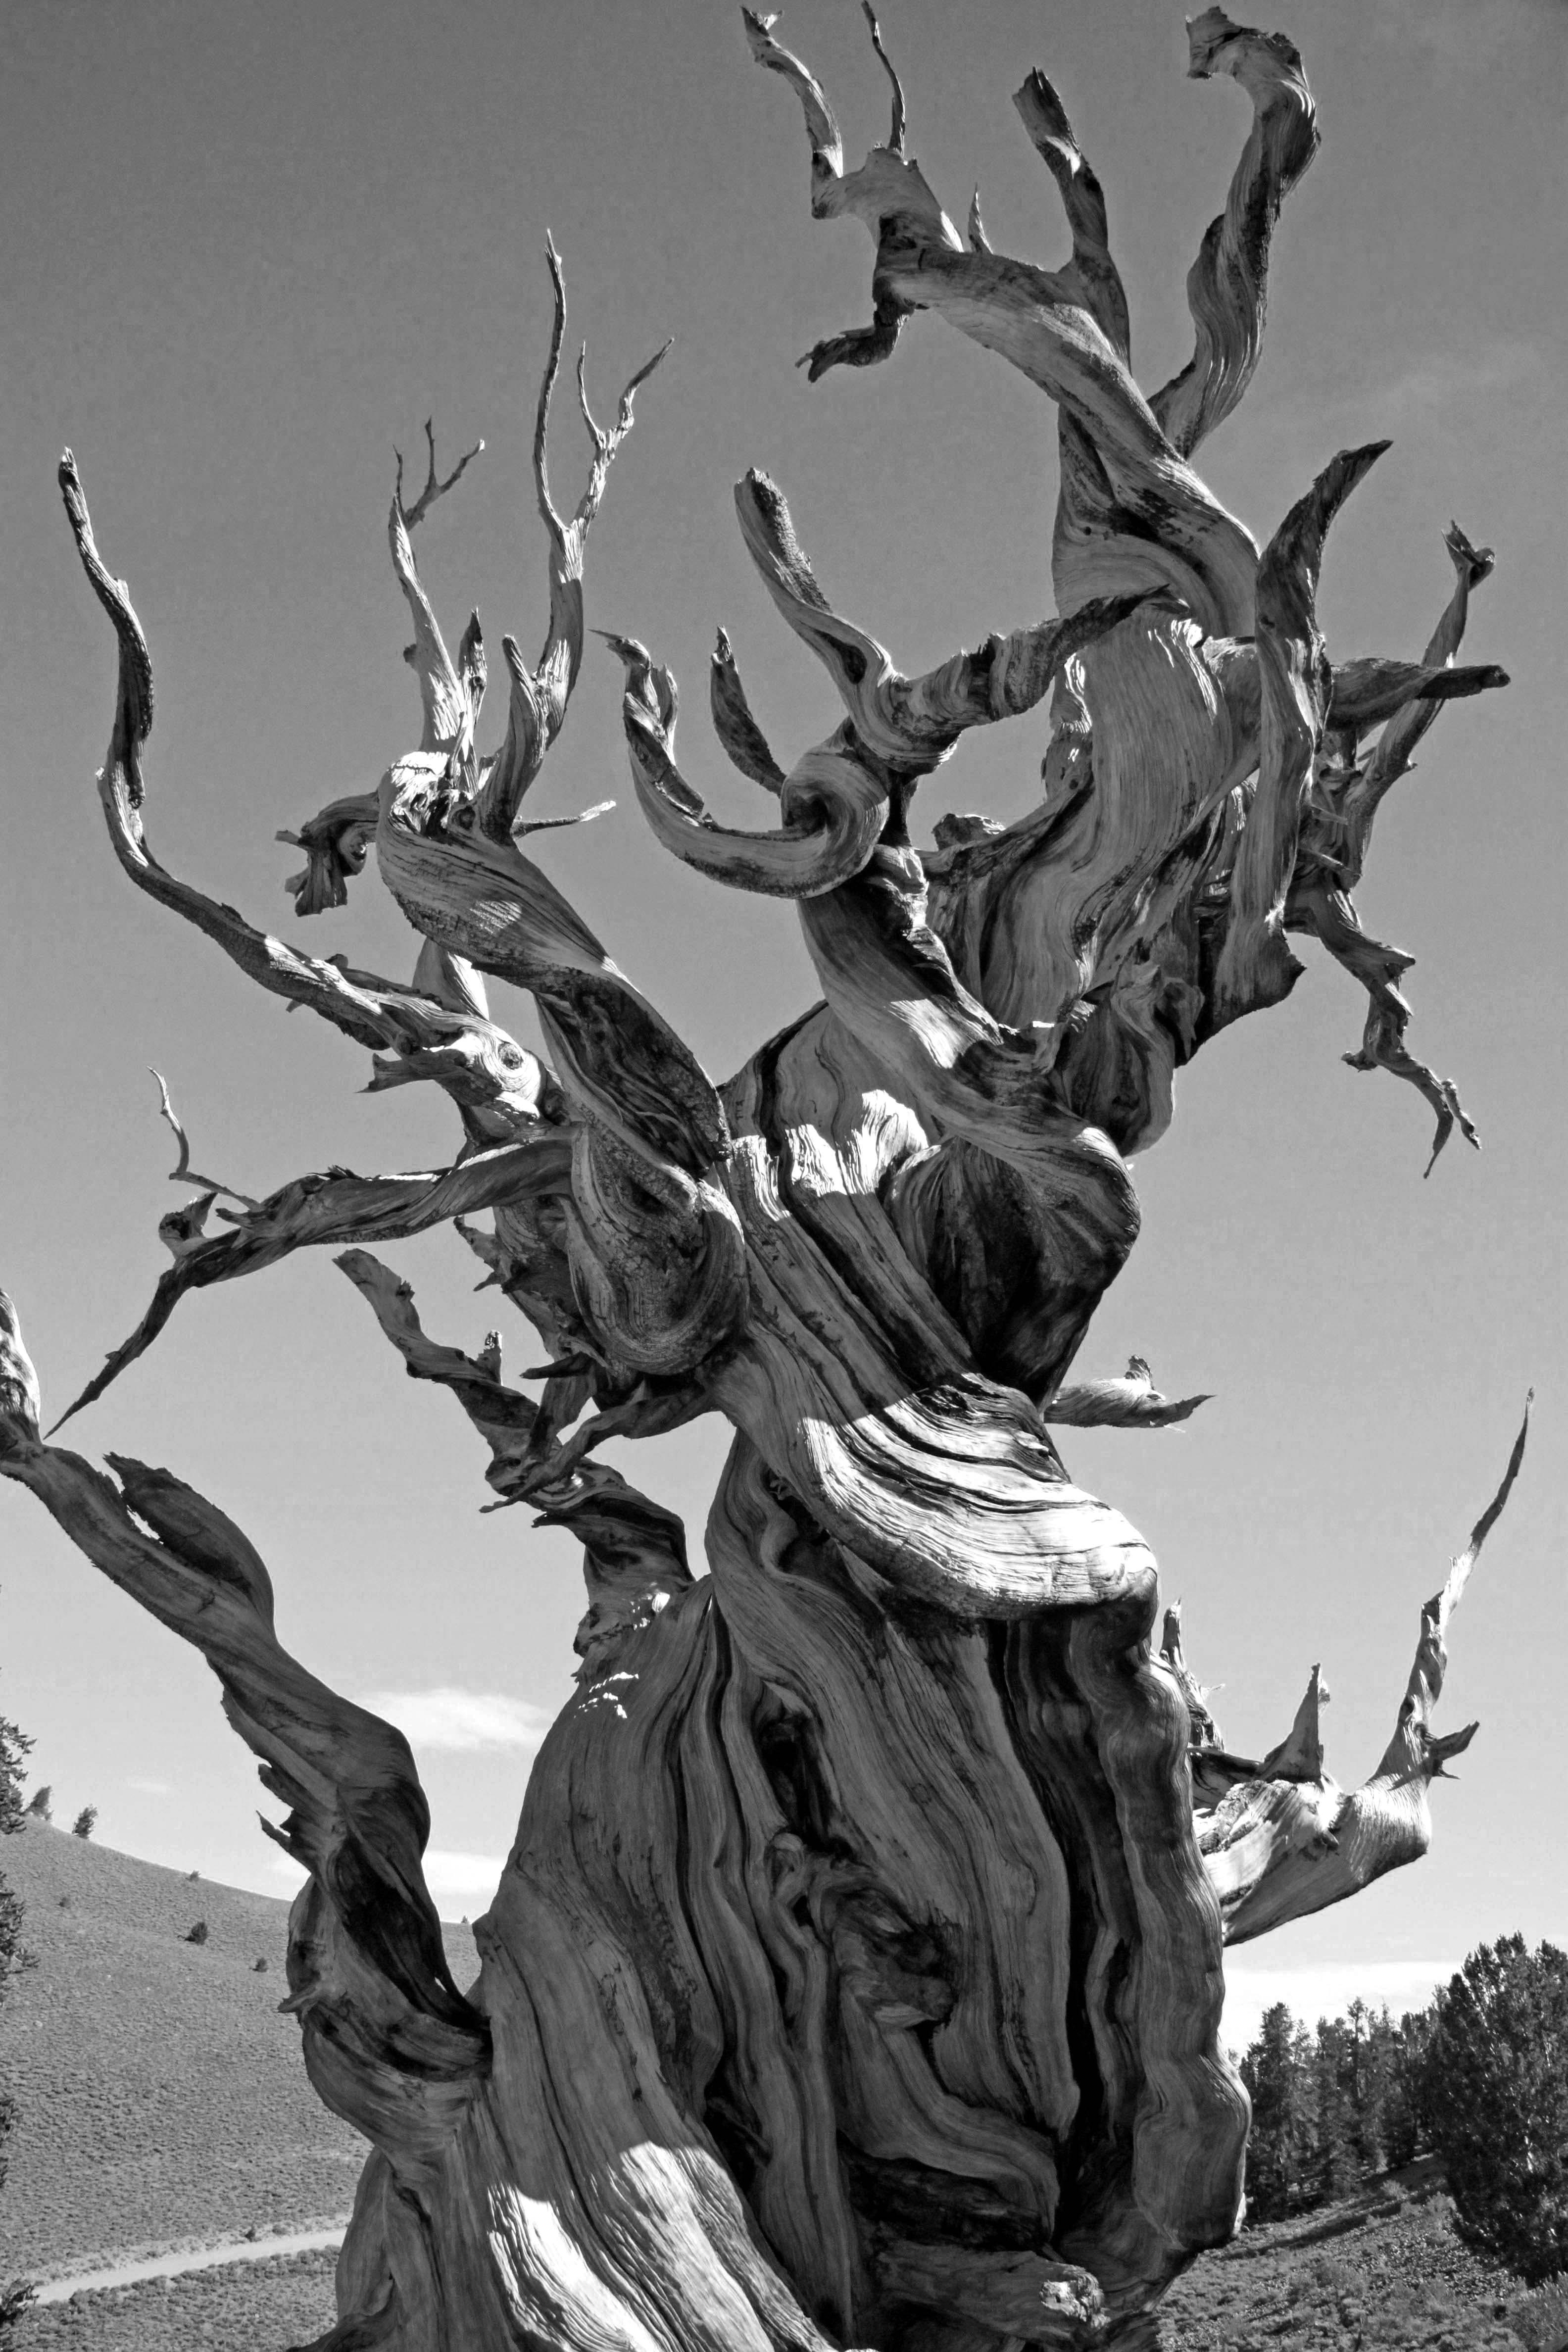 나무, 블랙 앤 화이트, 클로즈업의 무료 스톡 사진